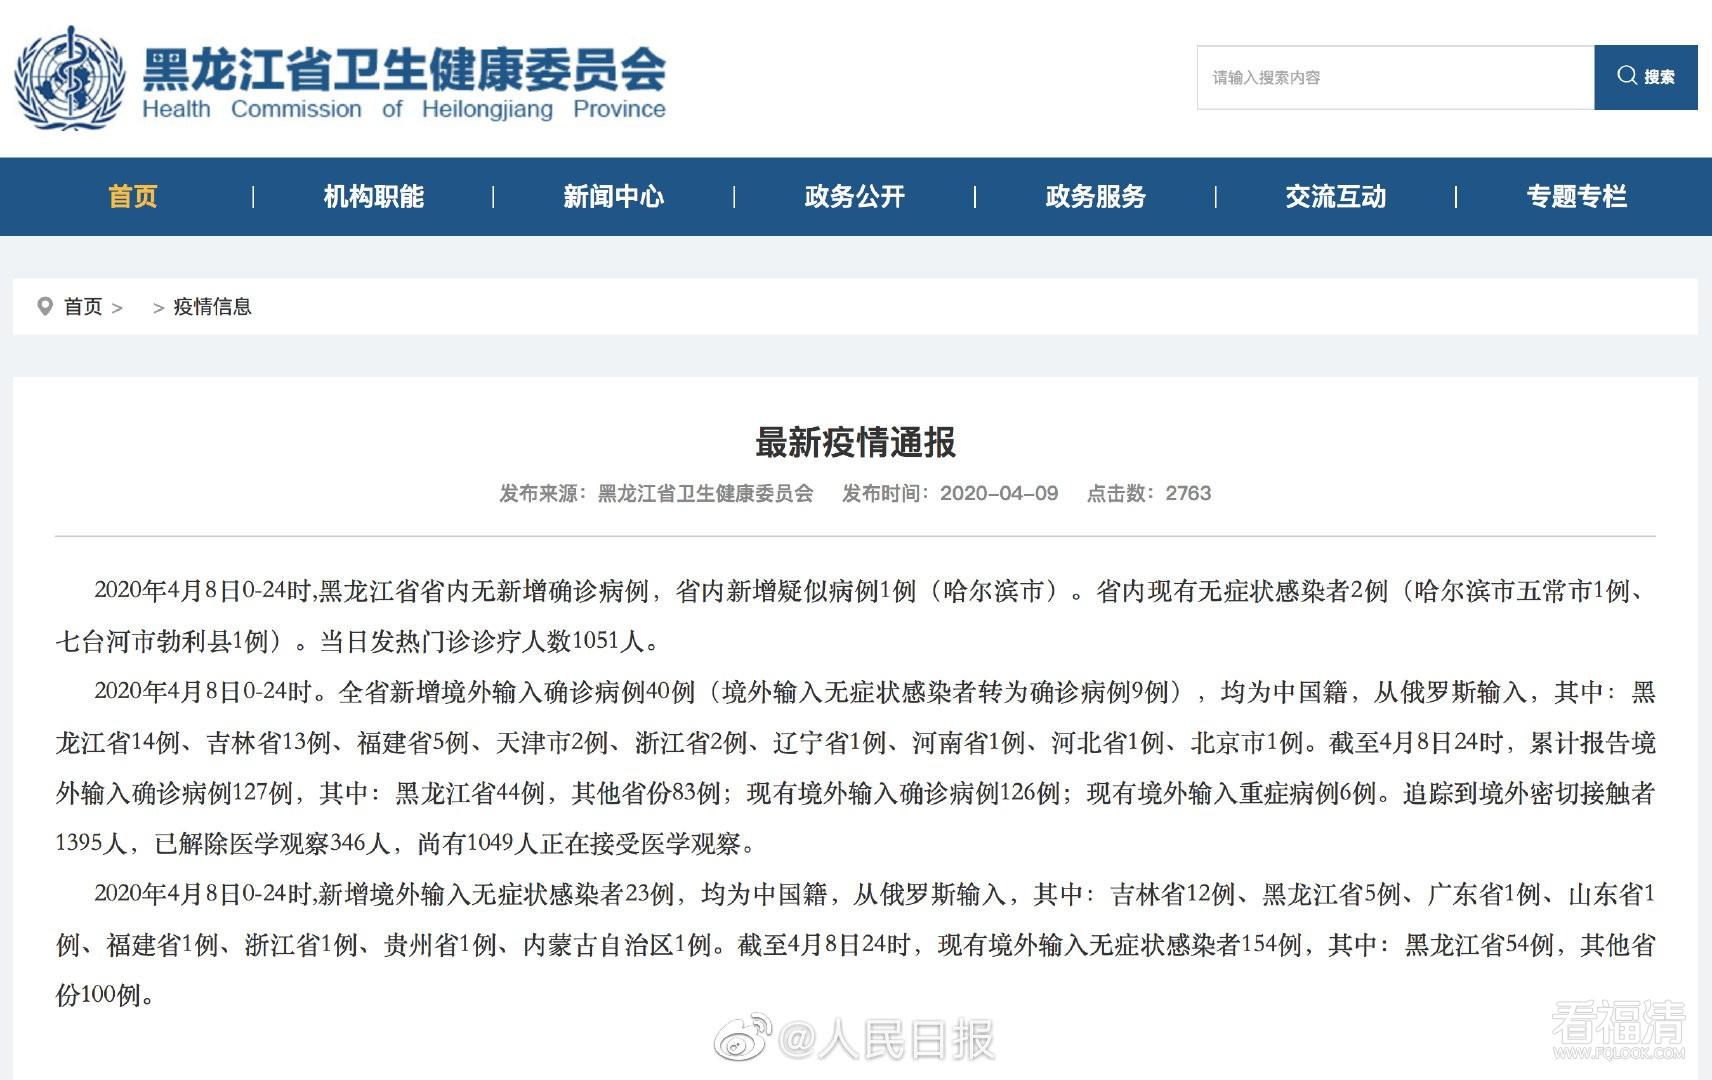 黑龍江新增40例俄羅斯輸入病例,常住地為福清有5人...